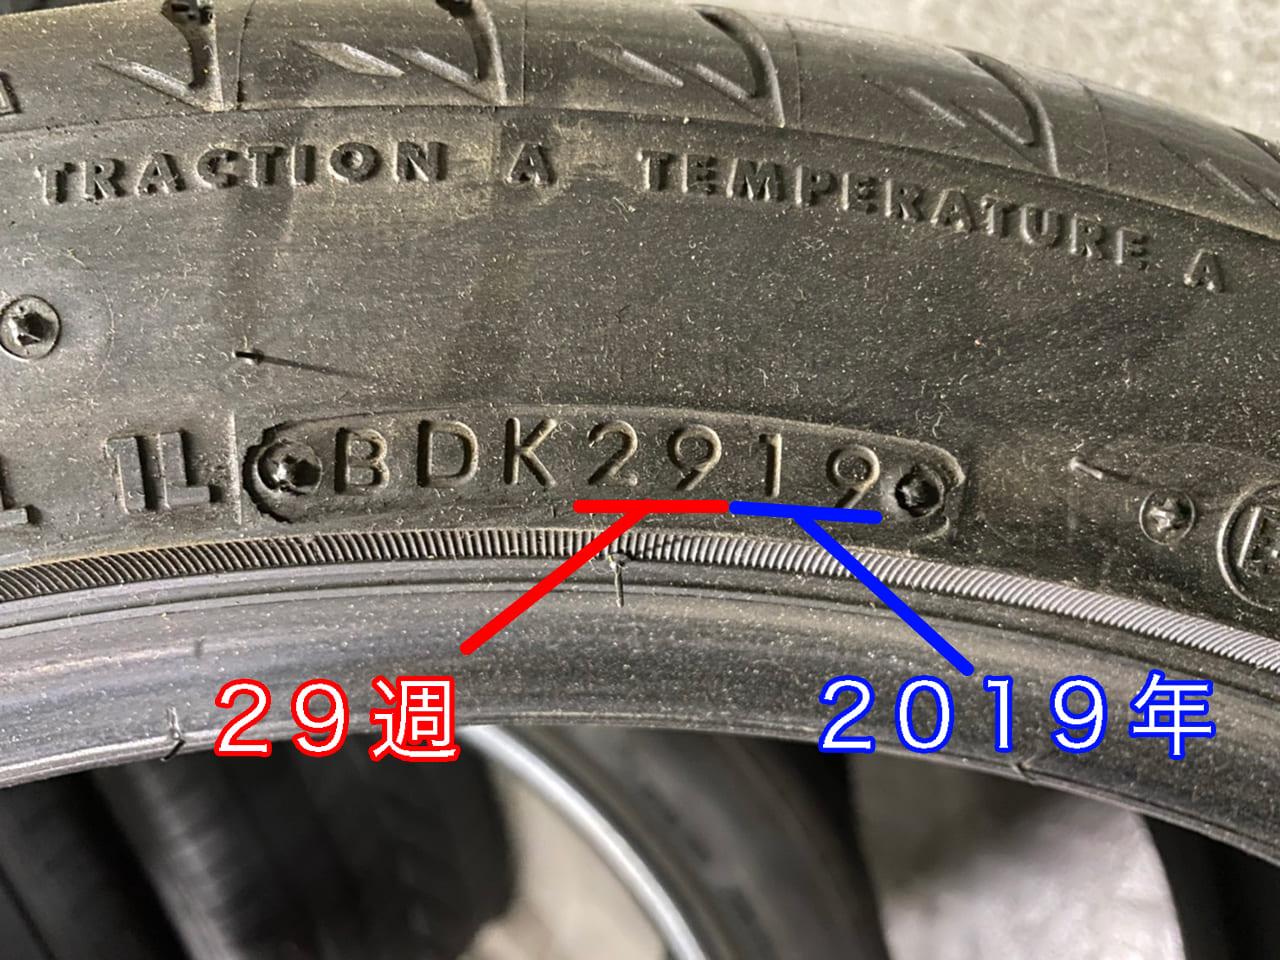 タイヤの製造年数表示のイメージ